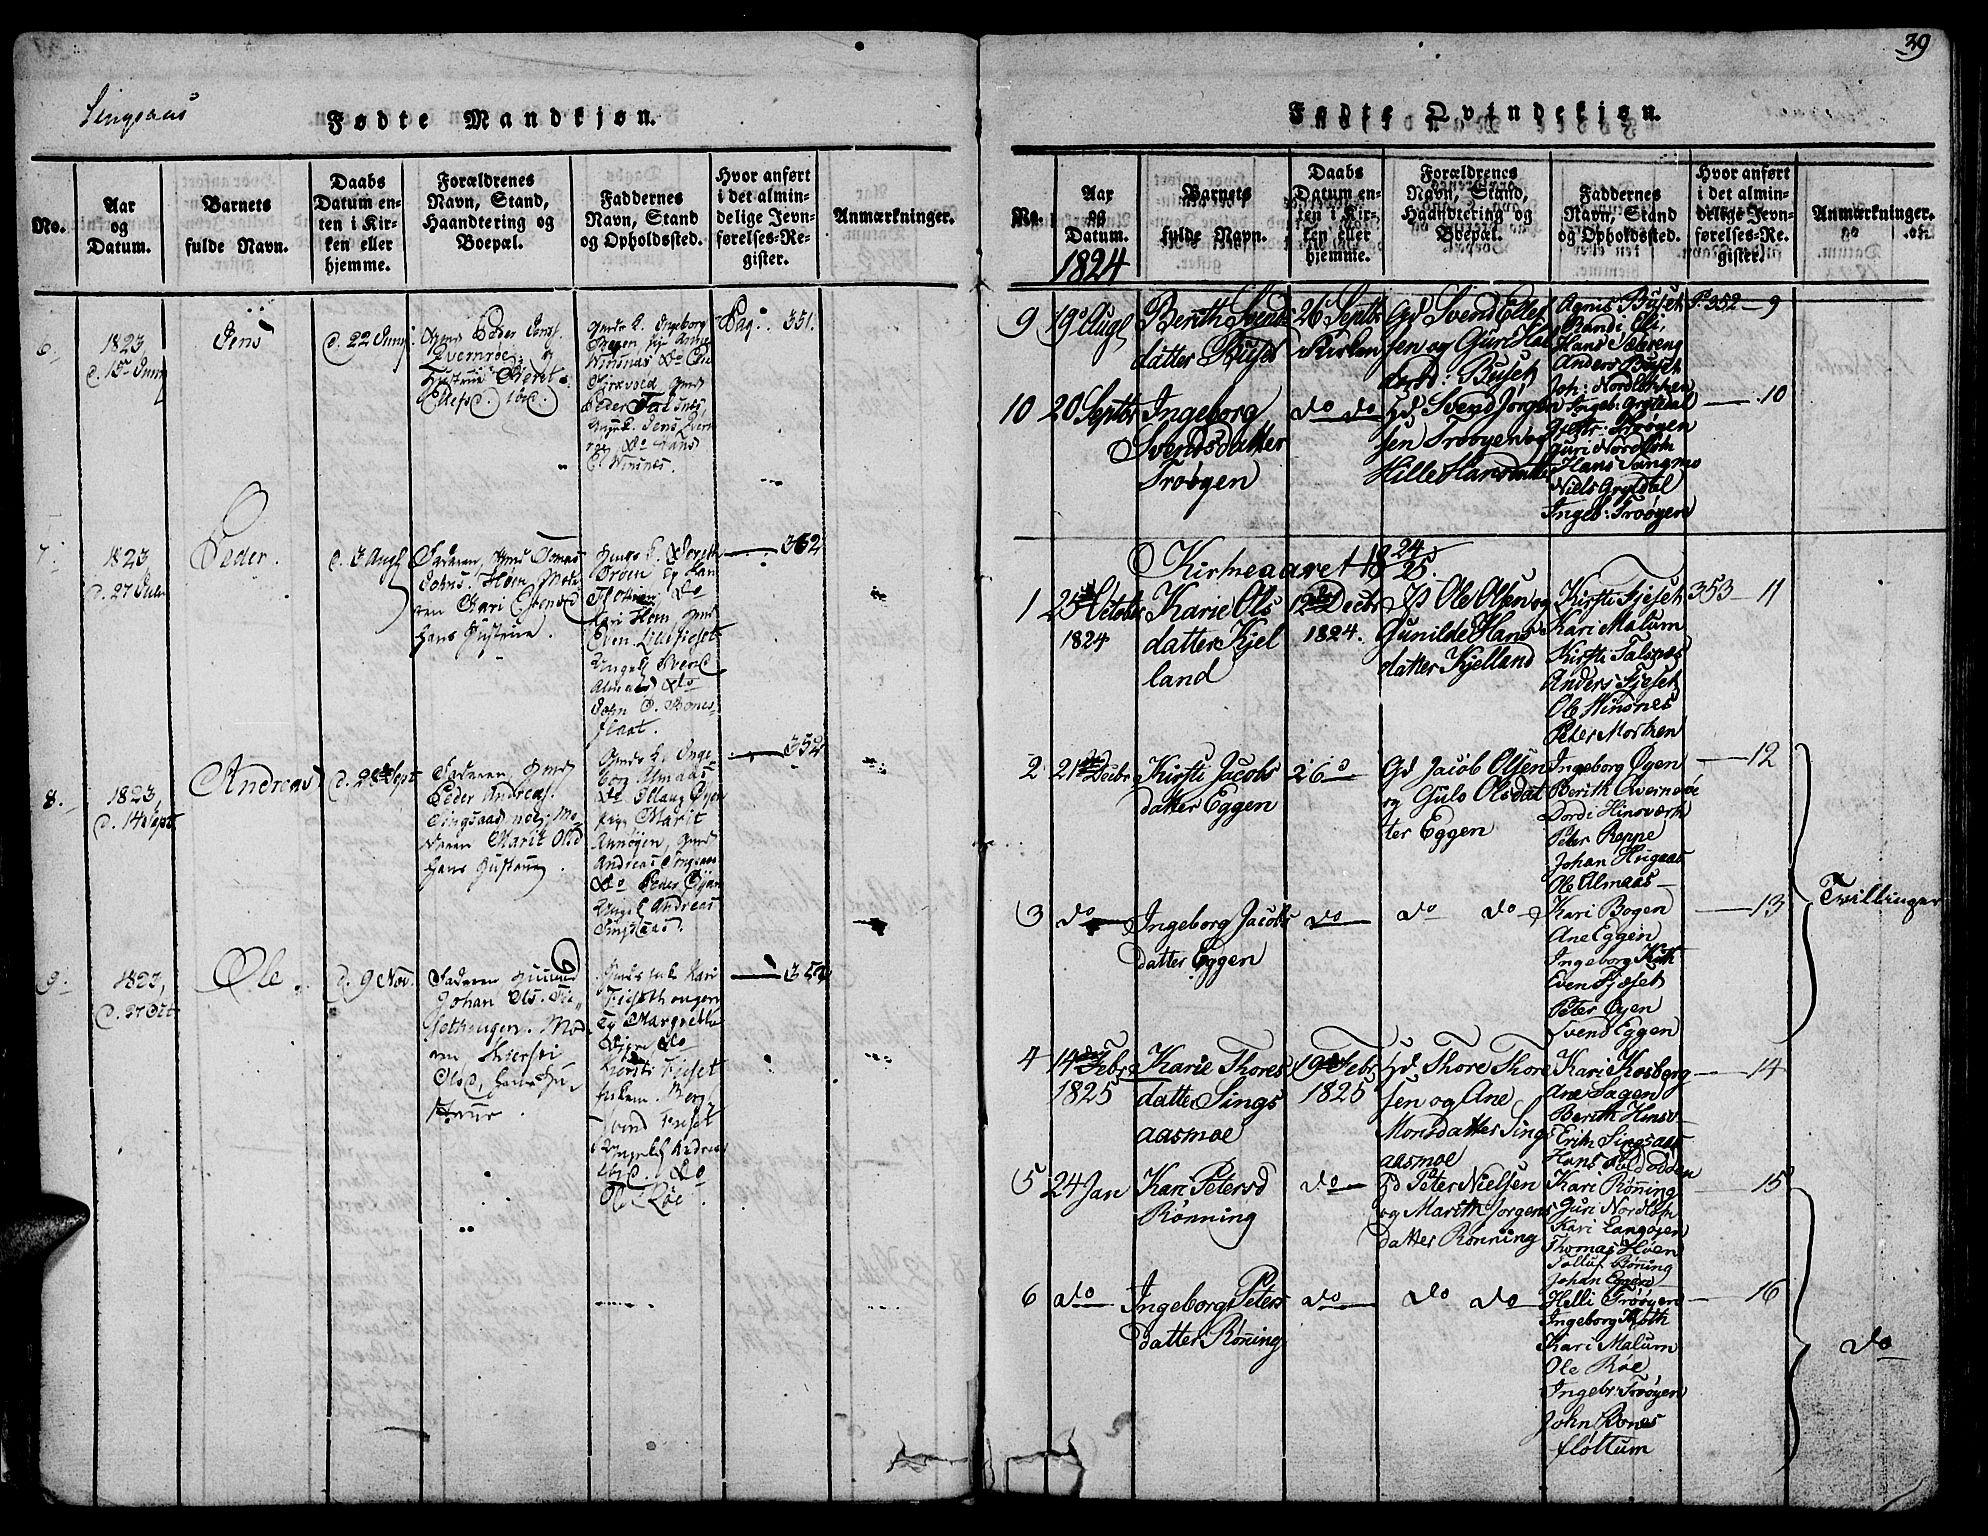 SAT, Ministerialprotokoller, klokkerbøker og fødselsregistre - Sør-Trøndelag, 685/L0955: Ministerialbok nr. 685A03 /2, 1817-1829, s. 39